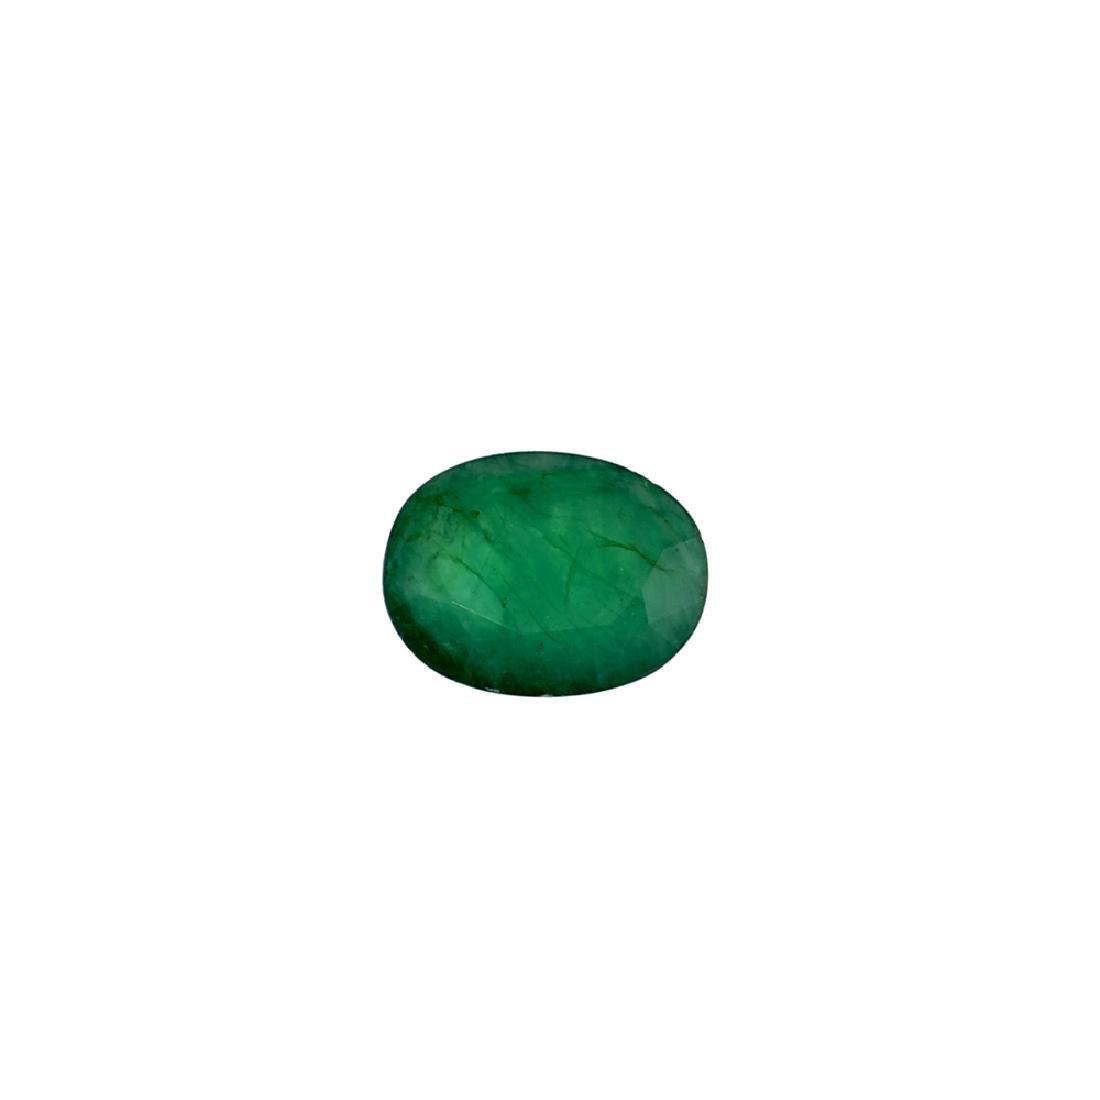 APP: 2.6k 3.51CT Oval Cut Green Emerald Gemstone